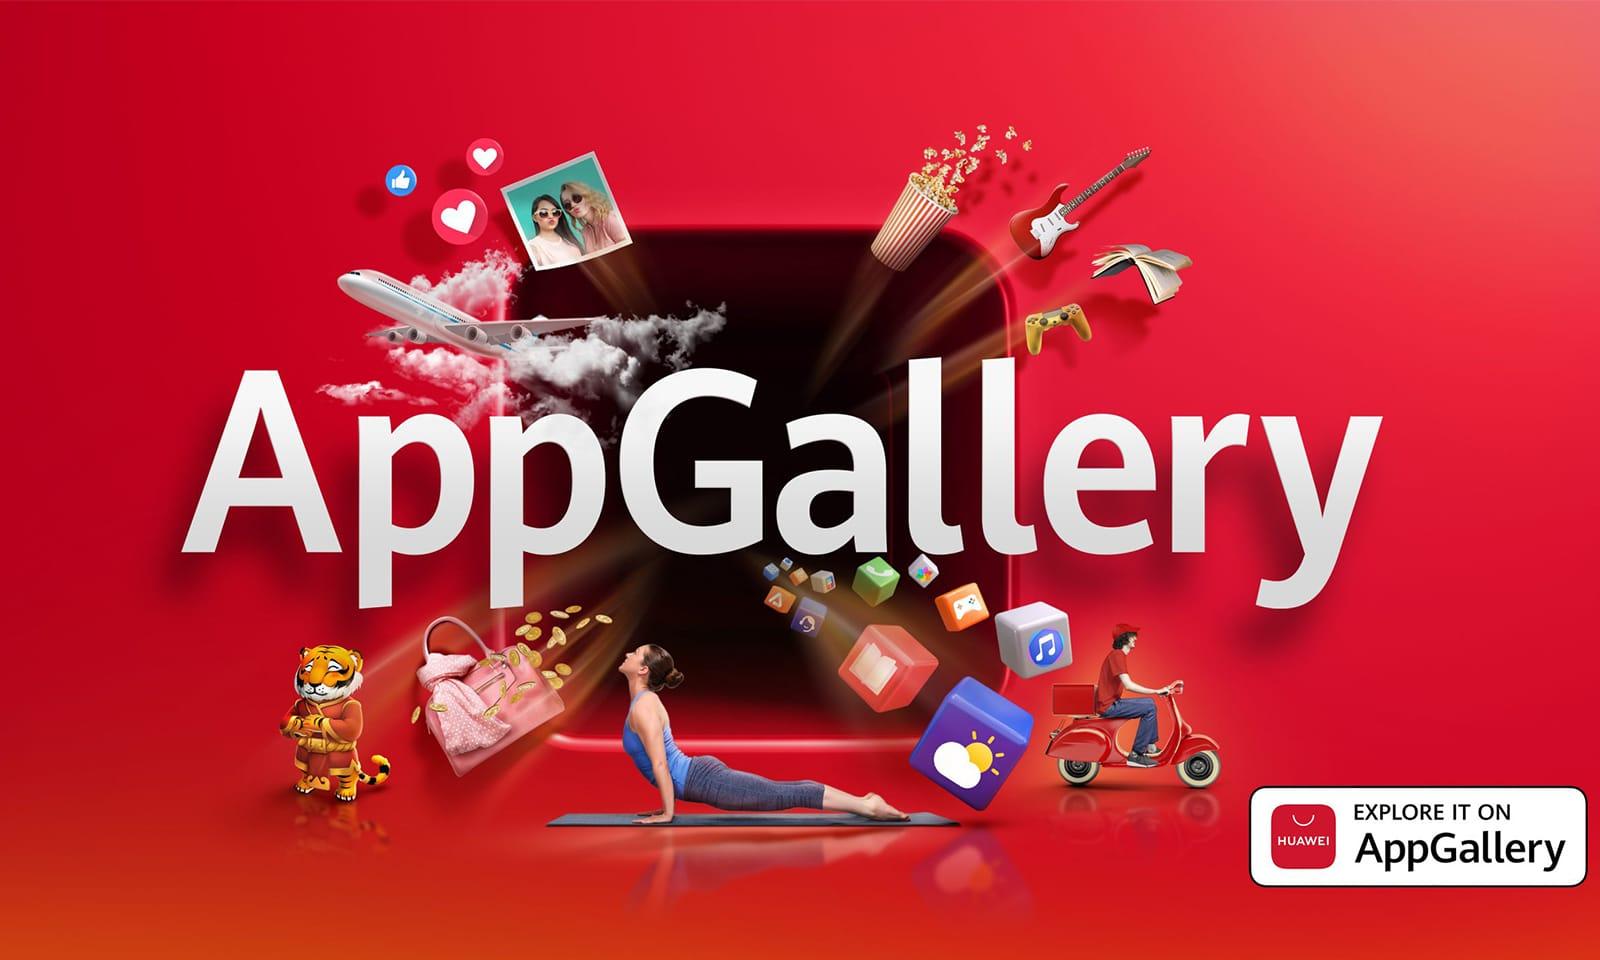 Restez-à-la-maison-et-explorez-Huawei-AppGallery